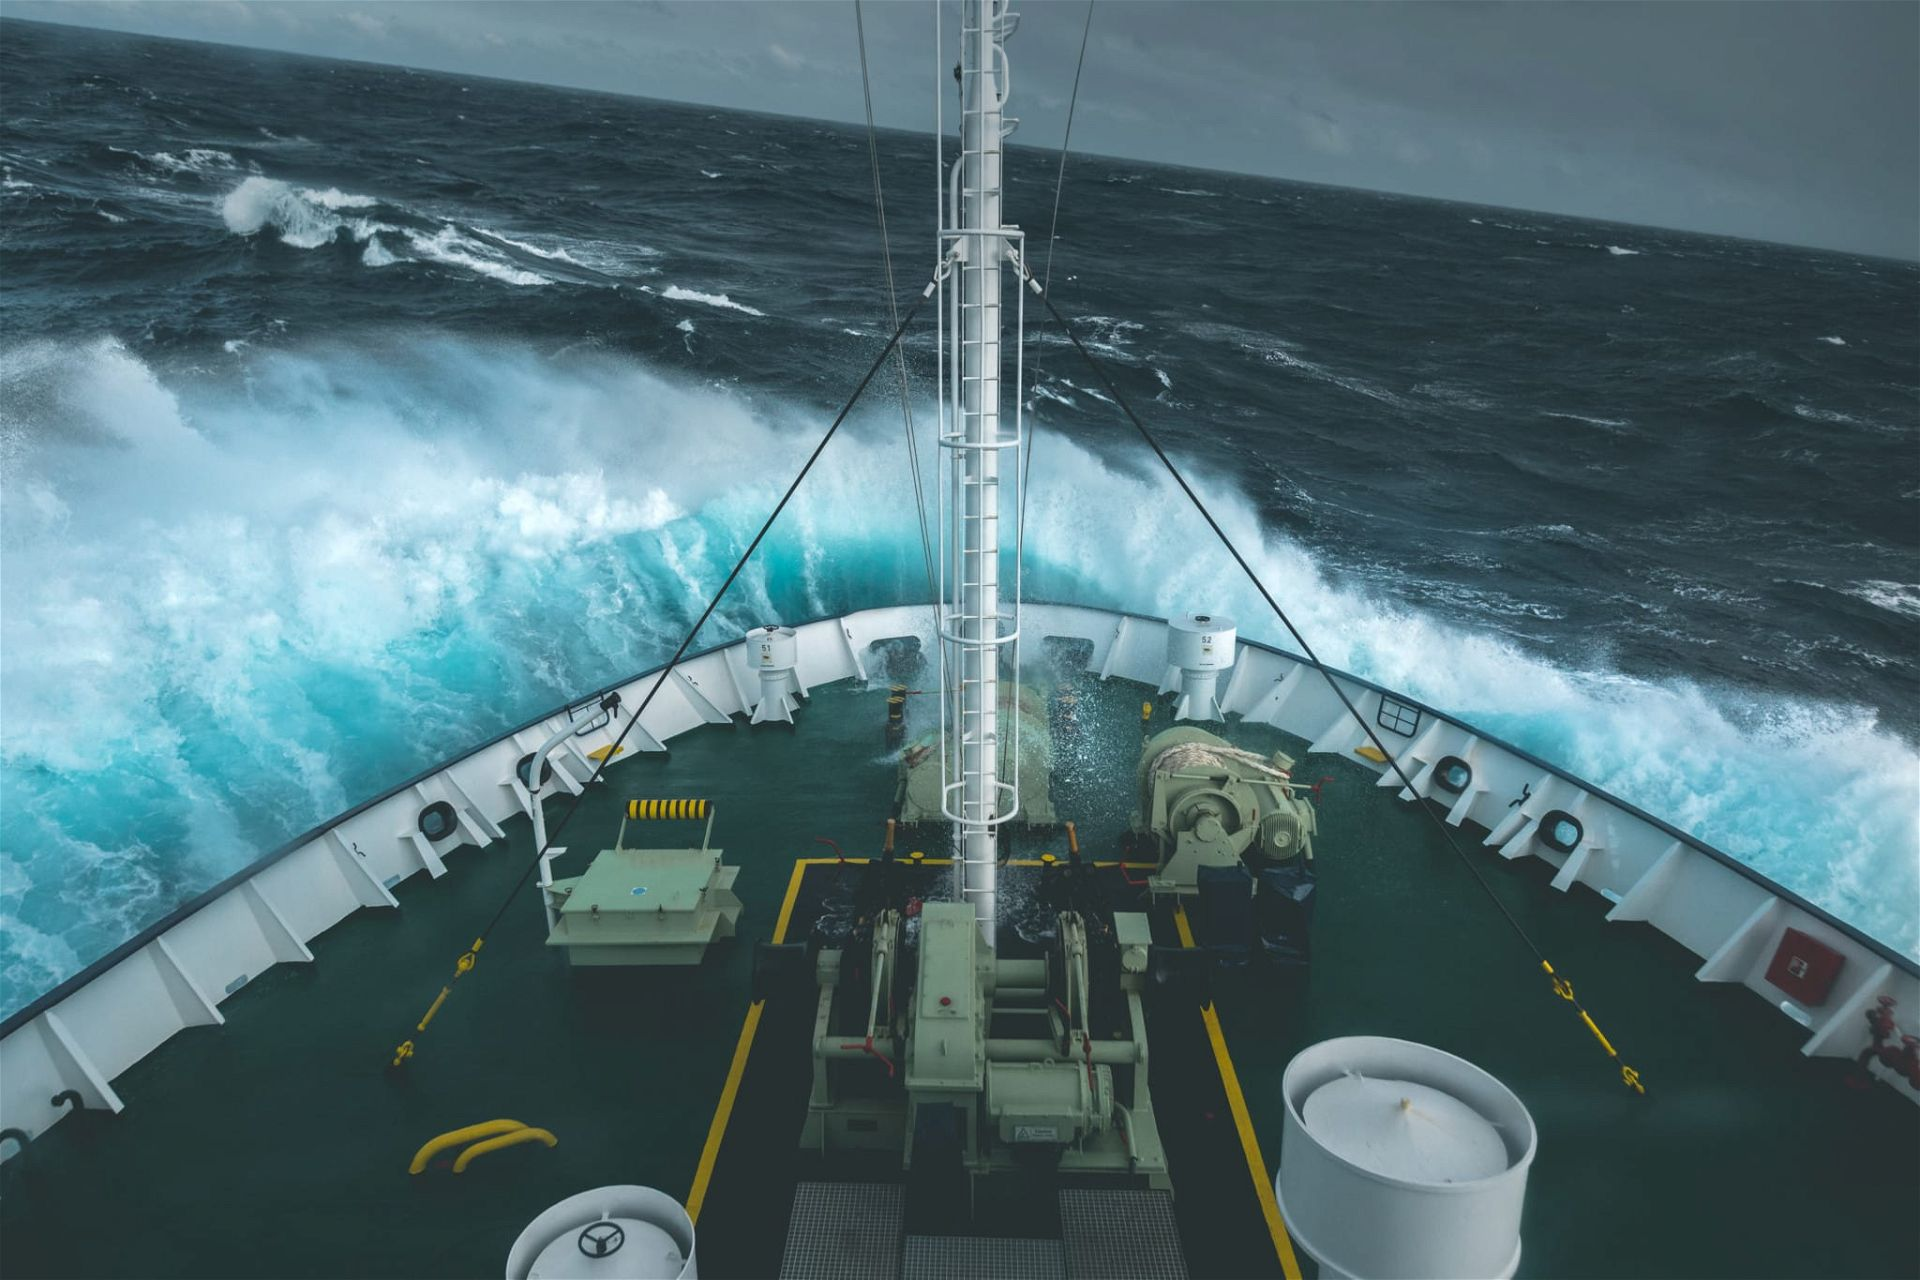 Expeditionsschiff in stürmischer Drake Passage